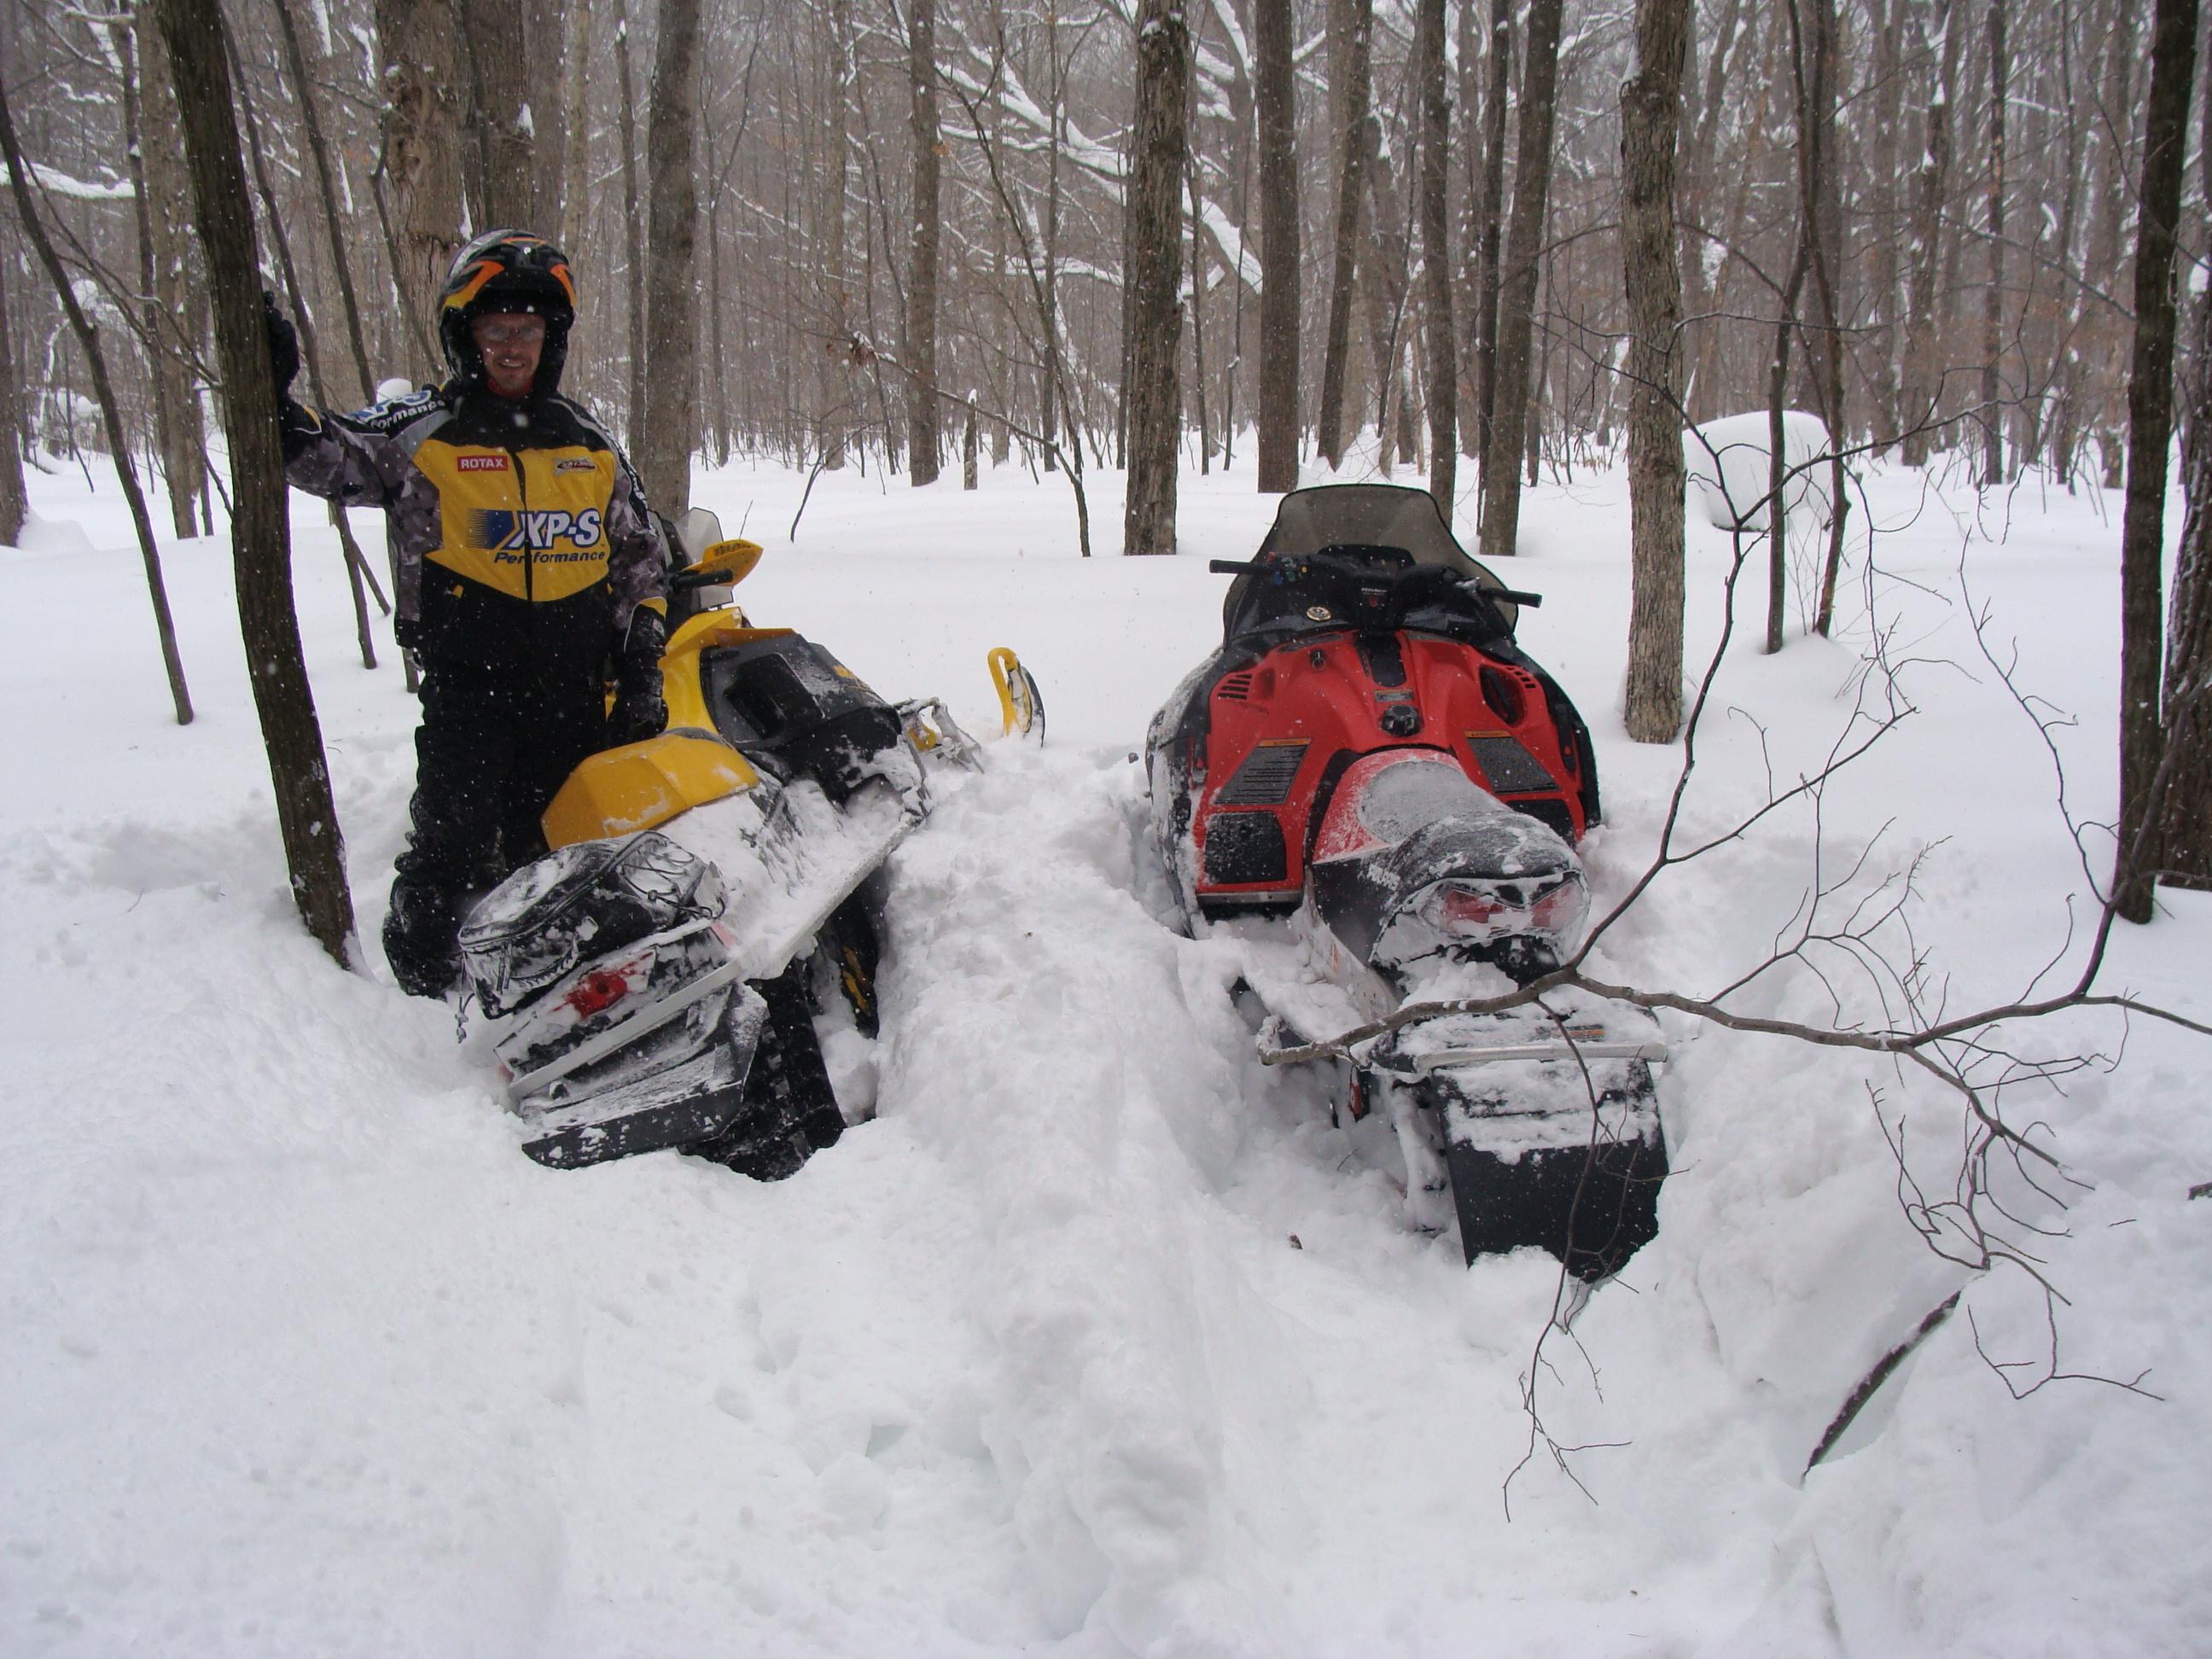 snow-028-6b9223114215daa40dd13a31c51f9c964ae2becb